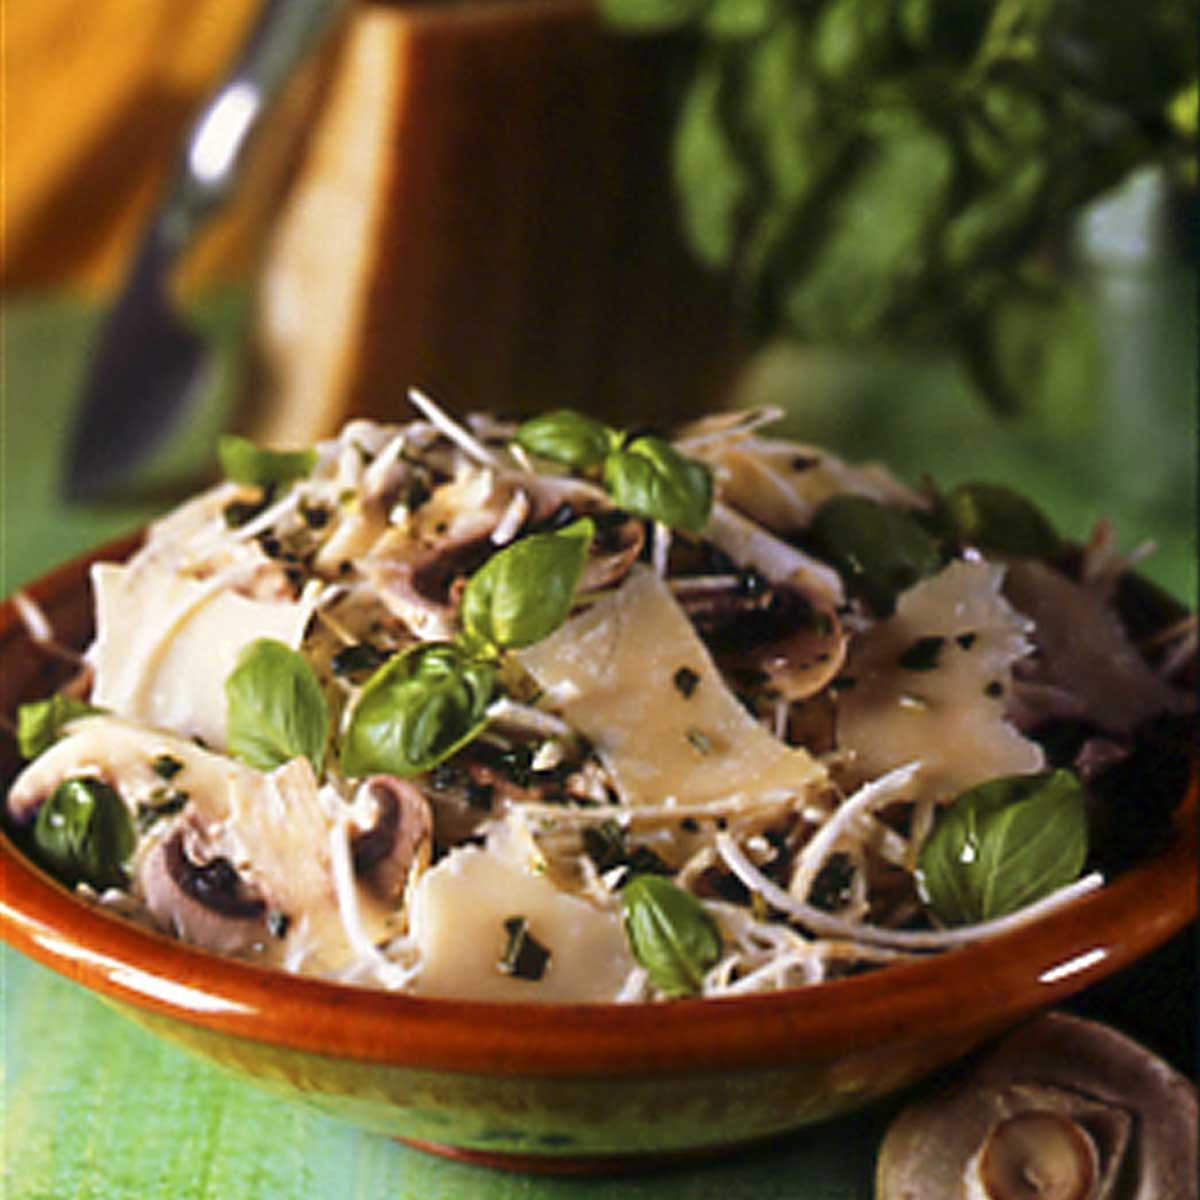 salade de champignons au c leri parmesan une recette equilibr cuisine le figaro madame. Black Bedroom Furniture Sets. Home Design Ideas